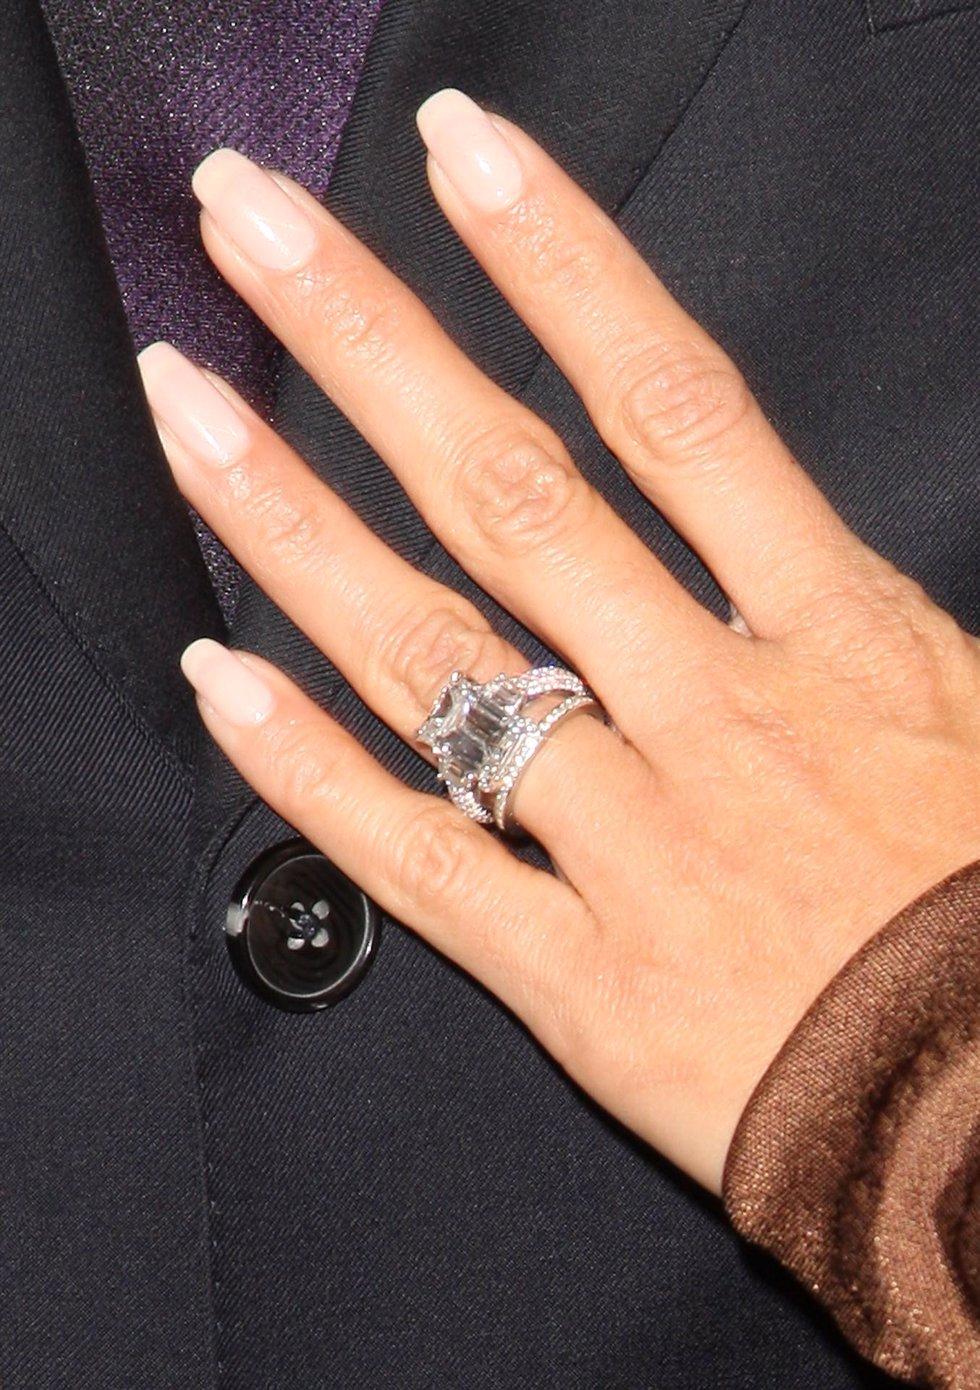 Luce unas uñas elegantes y discretas con la manicura francesa